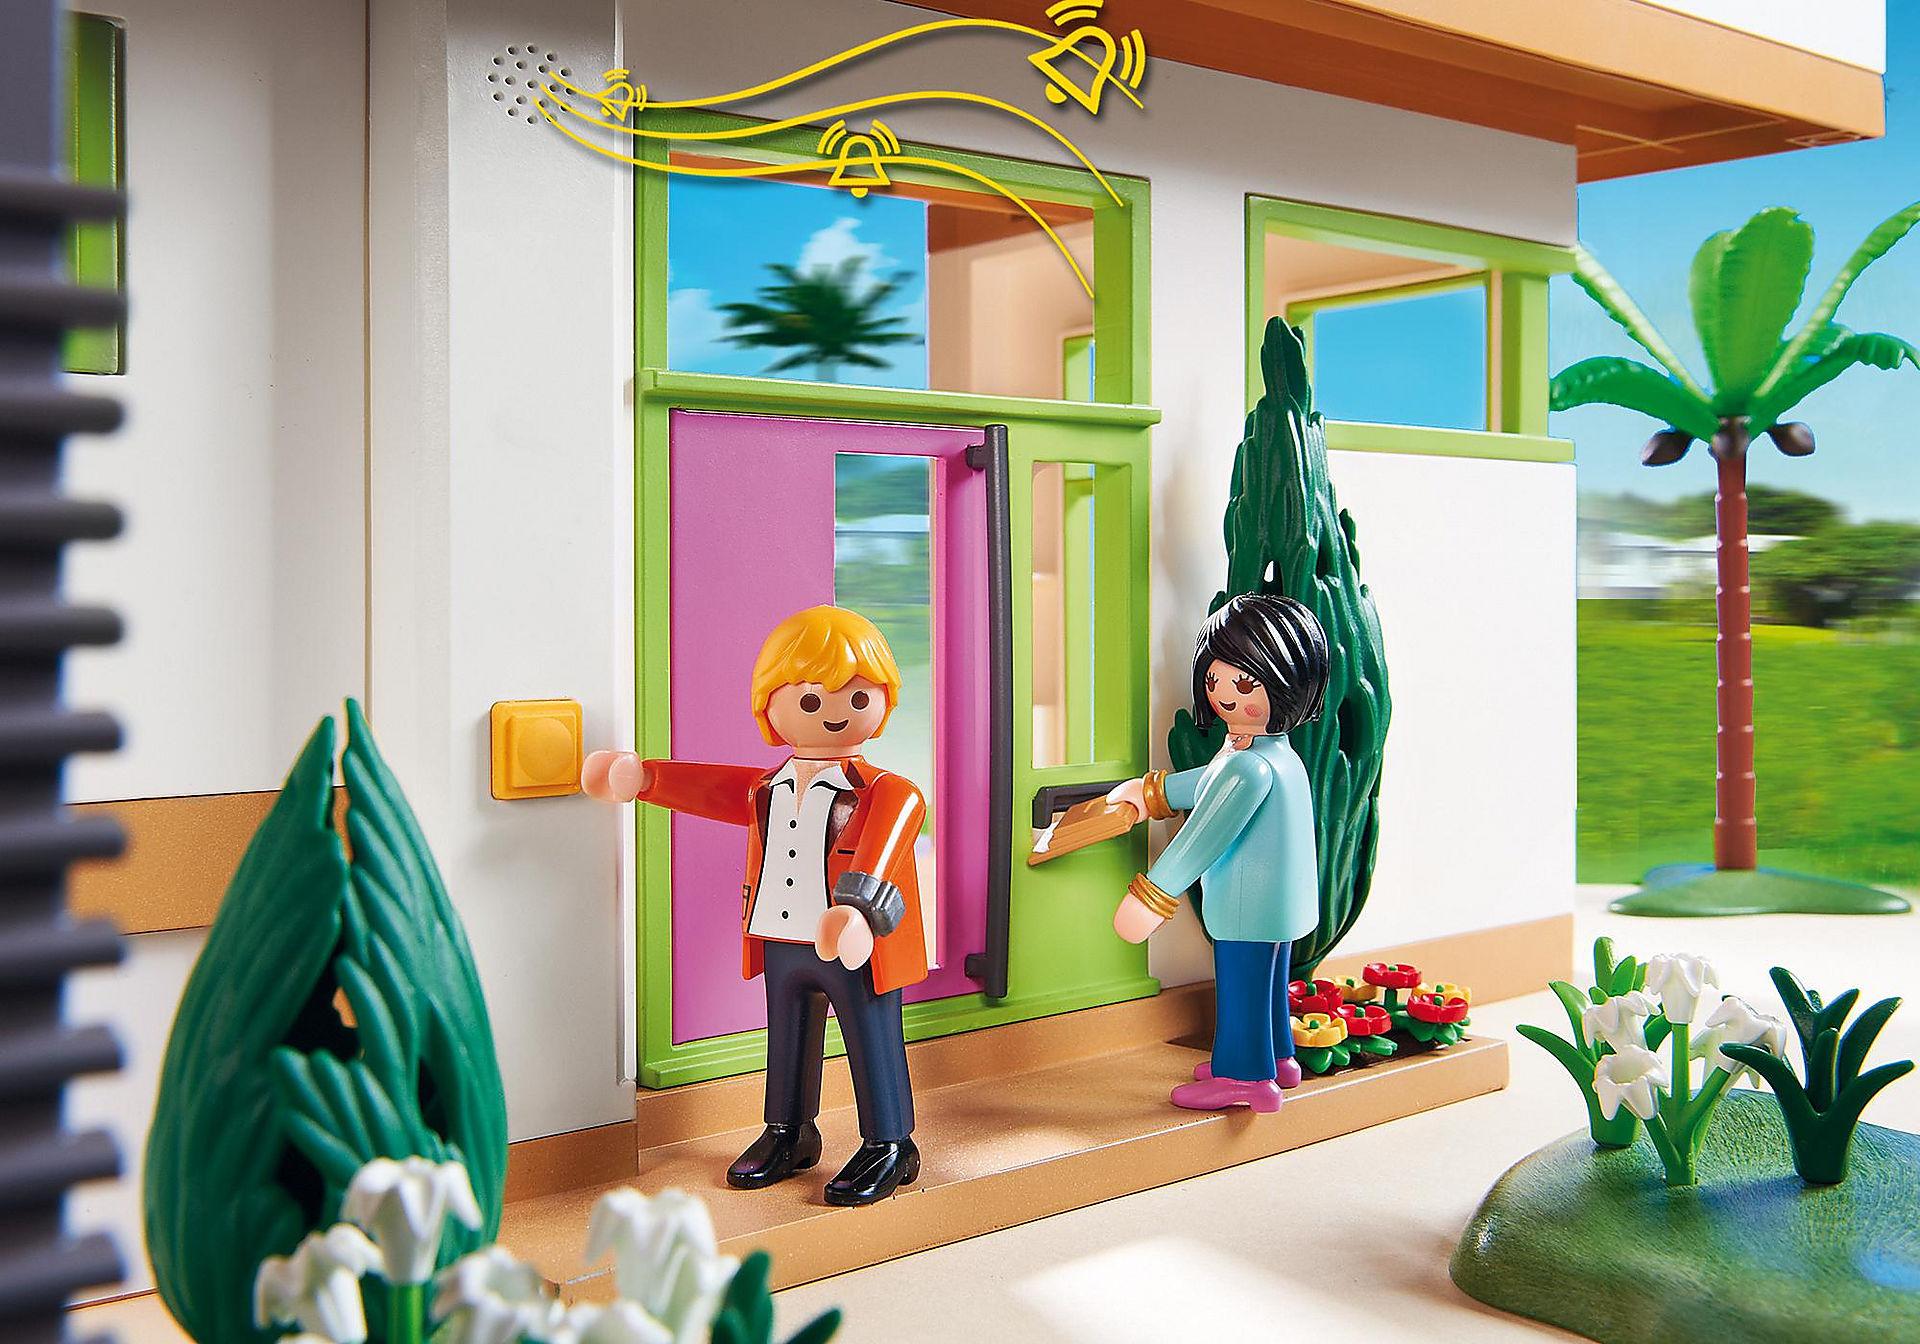 http://media.playmobil.com/i/playmobil/5574_product_extra1/Maison moderne